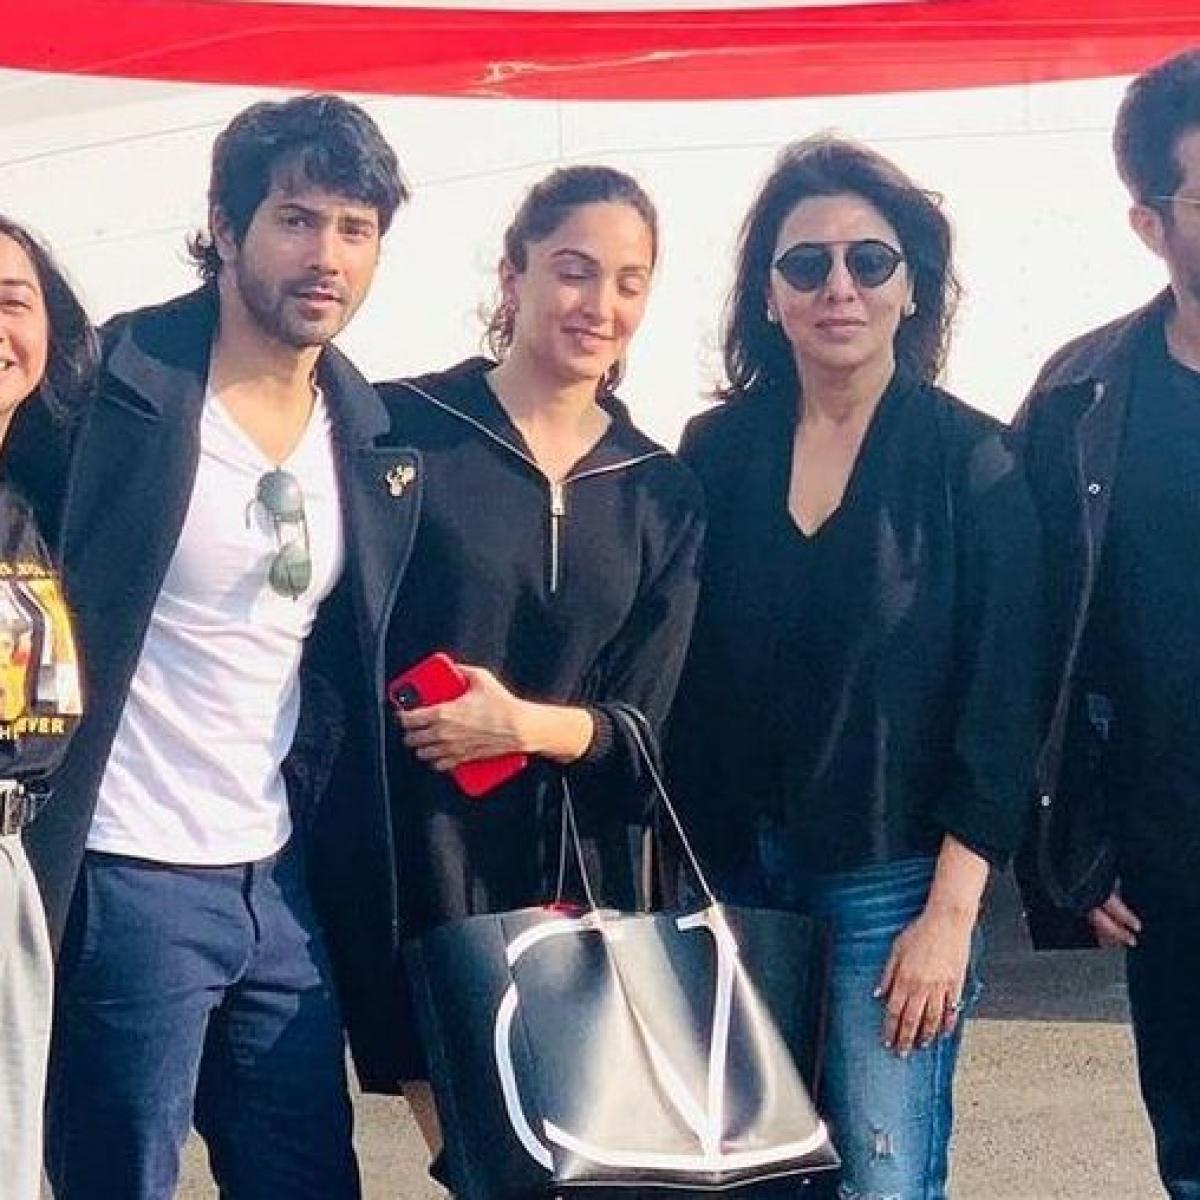 'Jug Jugg Jeeyo' stars Neetu Kapoor, and Varun Dhawan test positive for COVID-19